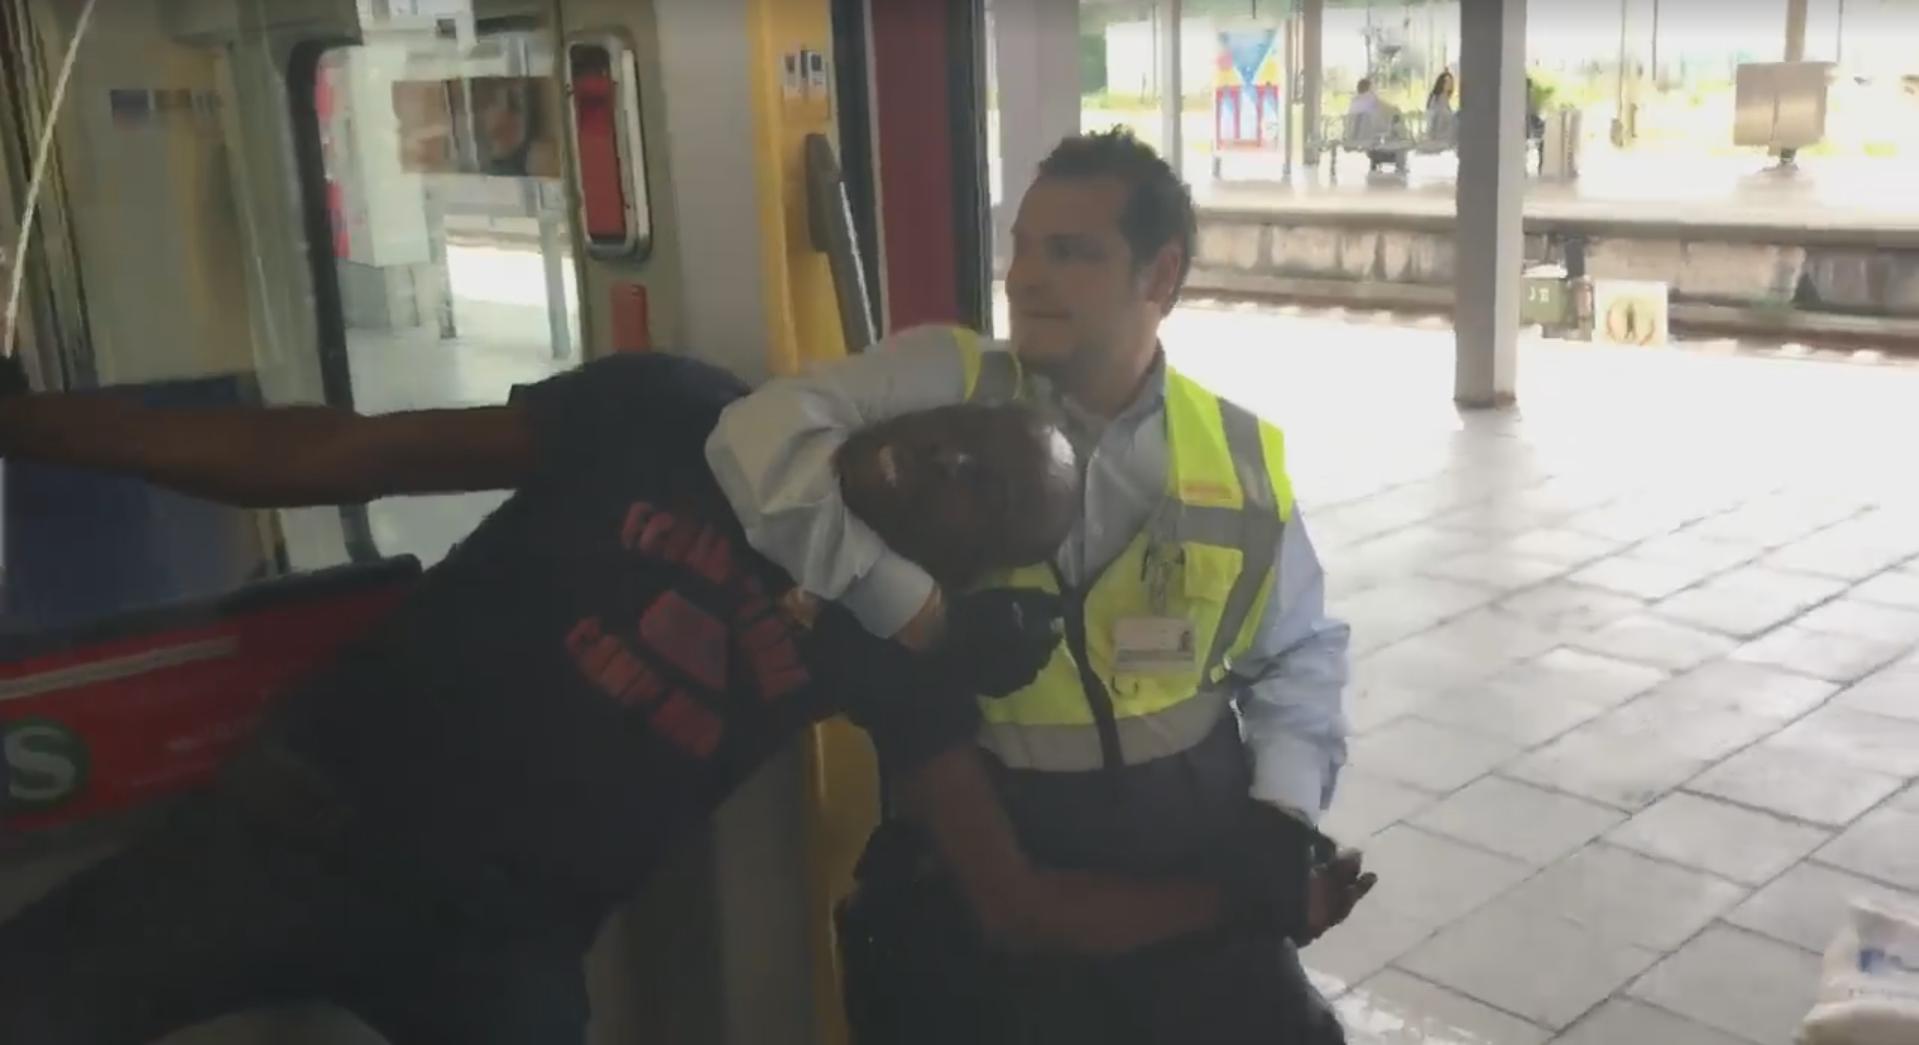 Un homme de 46 ans est violemment sorti d'une rame de train à Munich, le 27 juin 2017. Capture d'écran d'une vidéo publiée sur Facebook.